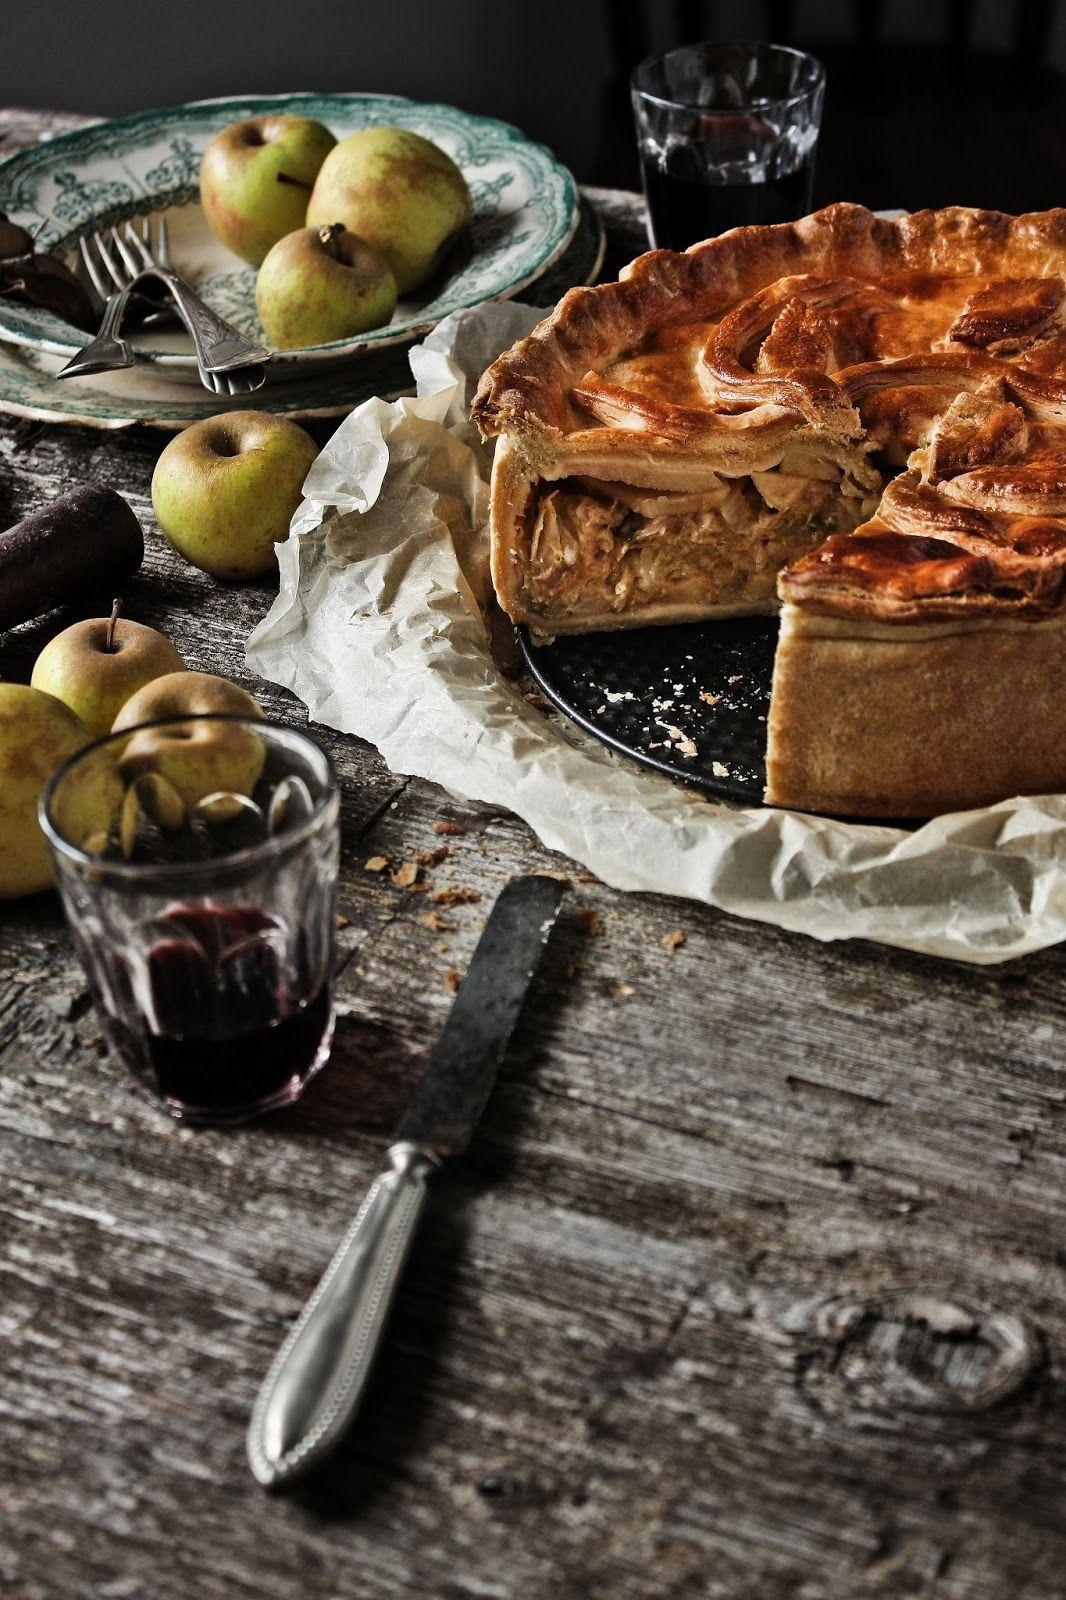 Pratos e Travessas: Uma tarte rústica de alheira, couve e maça verde | Alheira, green cabbage and green apple rustic tart